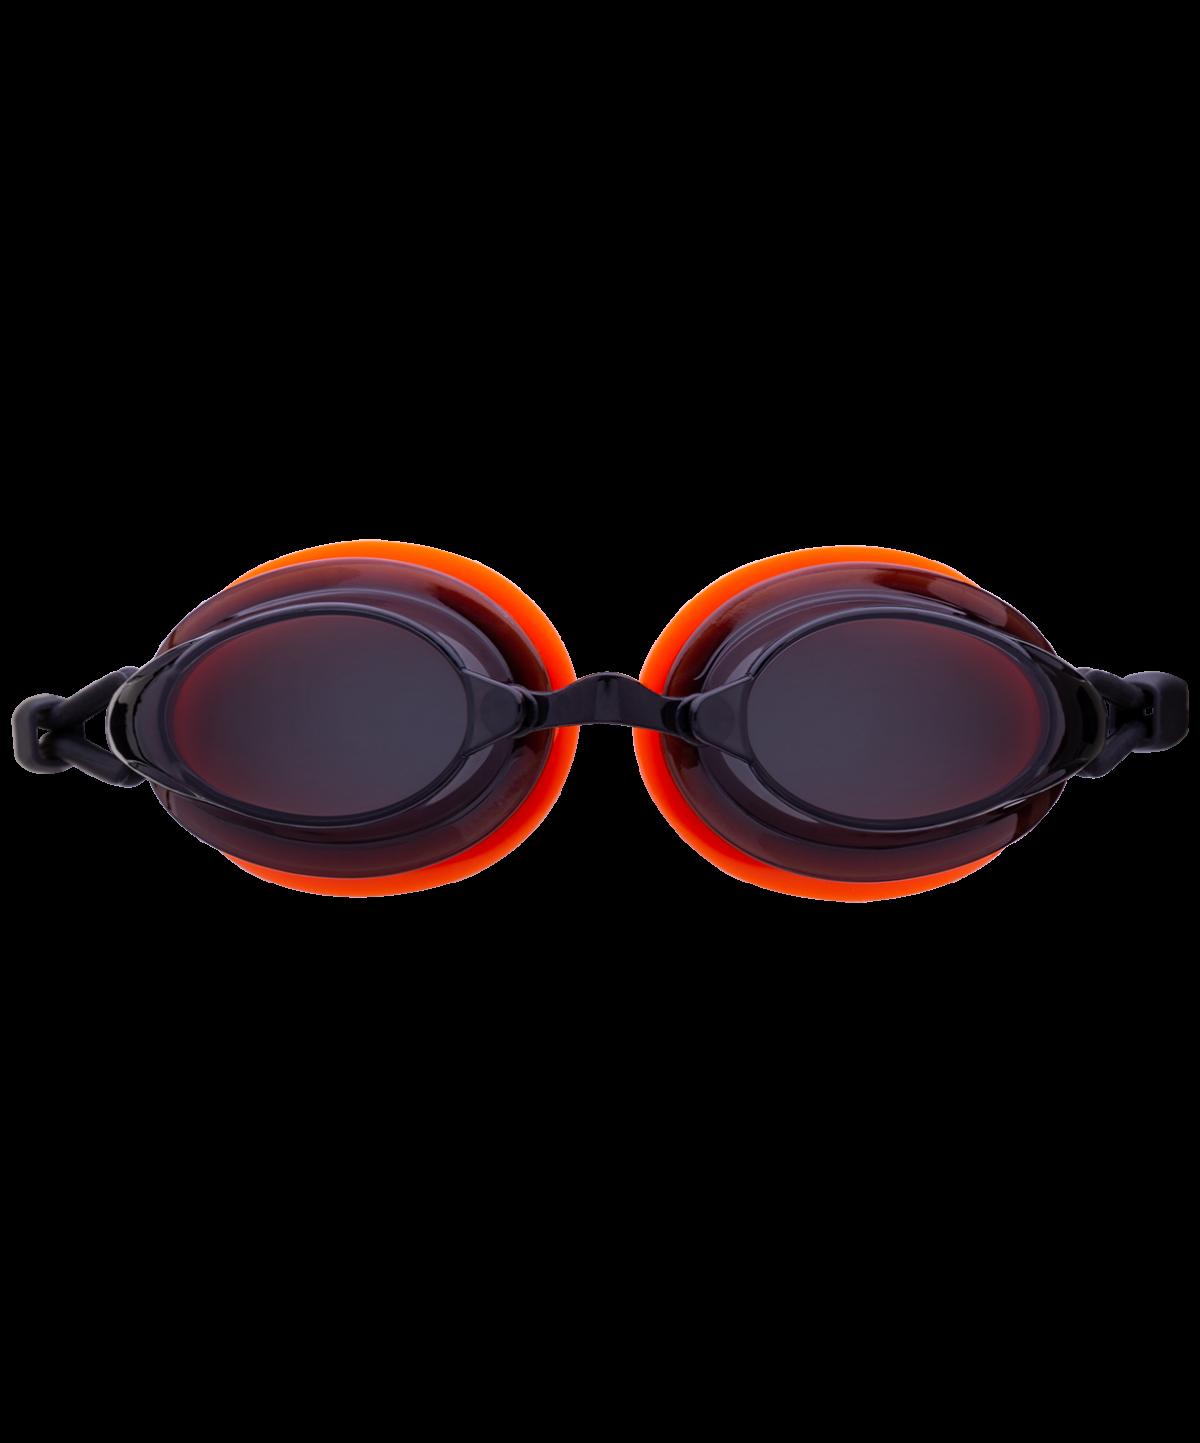 LONGSAIL Spirit Очки для плавания  L031555: черный/оранжевый - 2